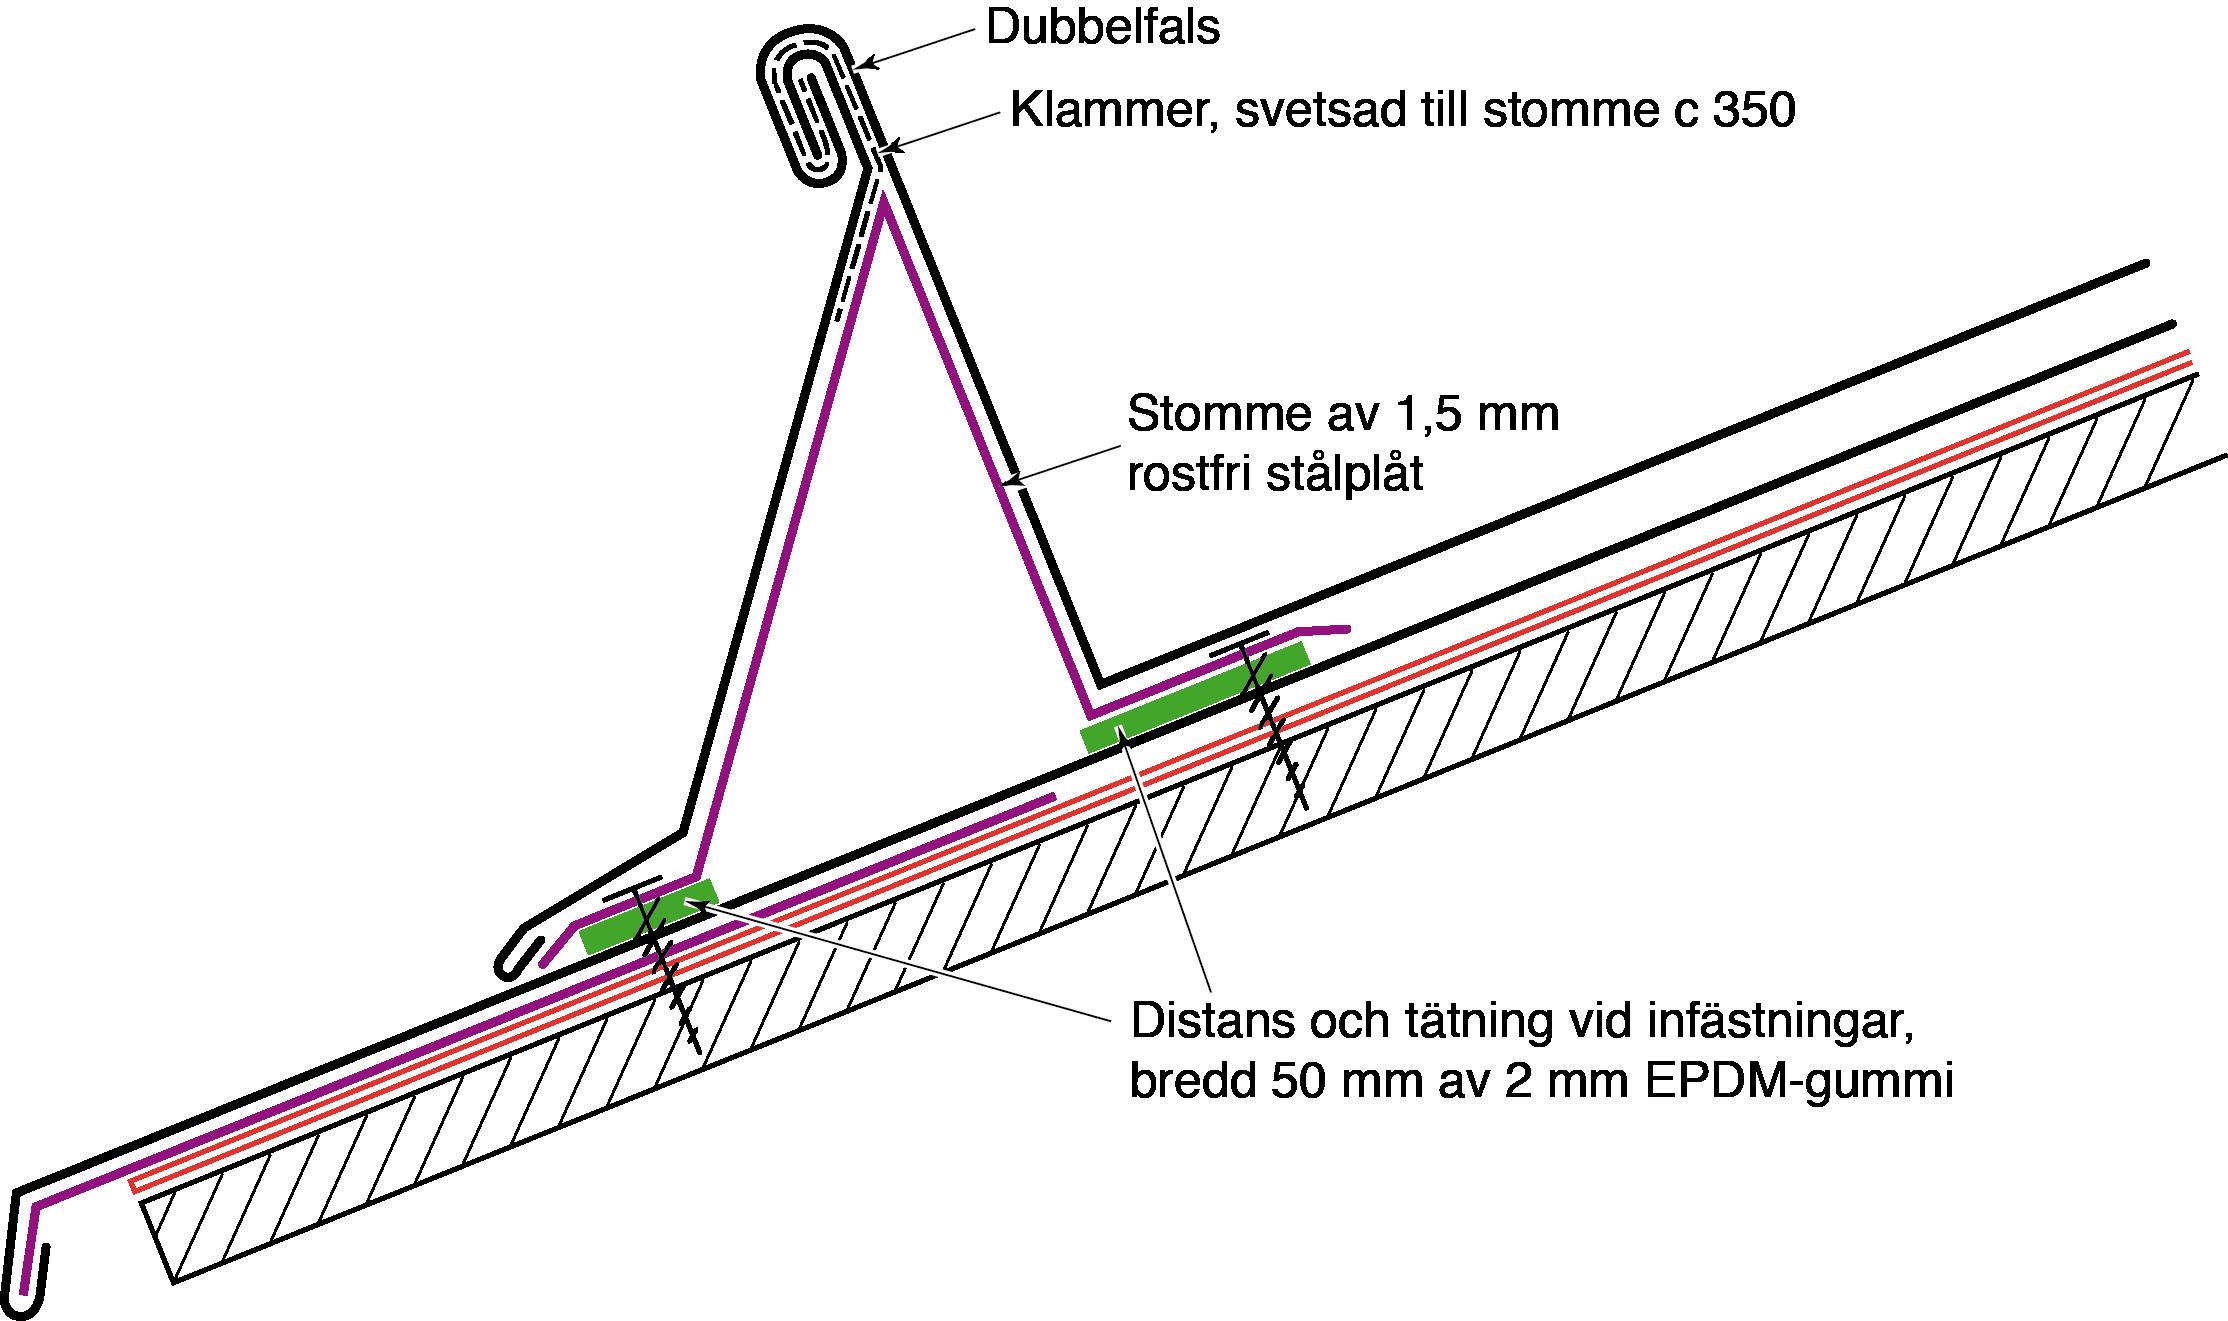 Figur 10:77. Fotränna med stomme av 1,5 mm rostfri stålplåt. Illustration: Torbjörn Osterling.